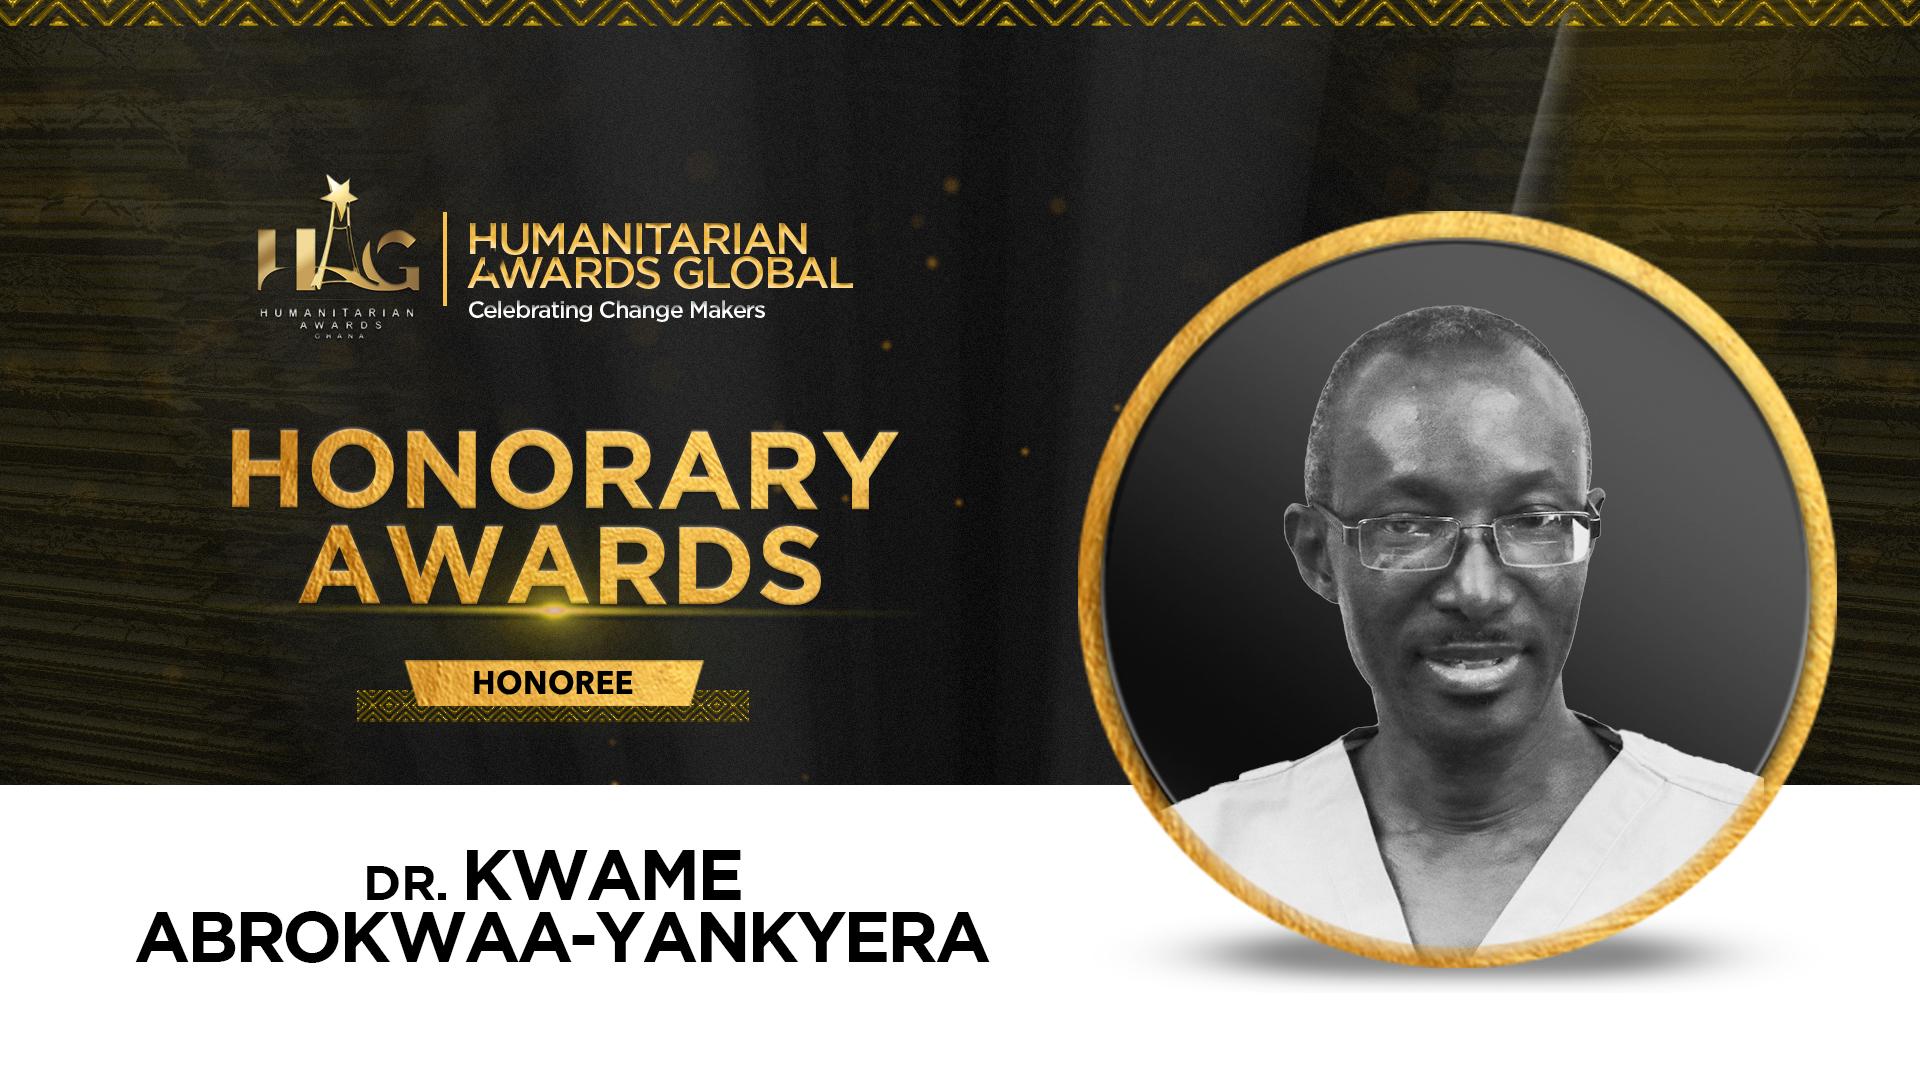 Dr. Kwame Abrokwaa-Yankyera To Be Honored At Humanitarian Awards Global